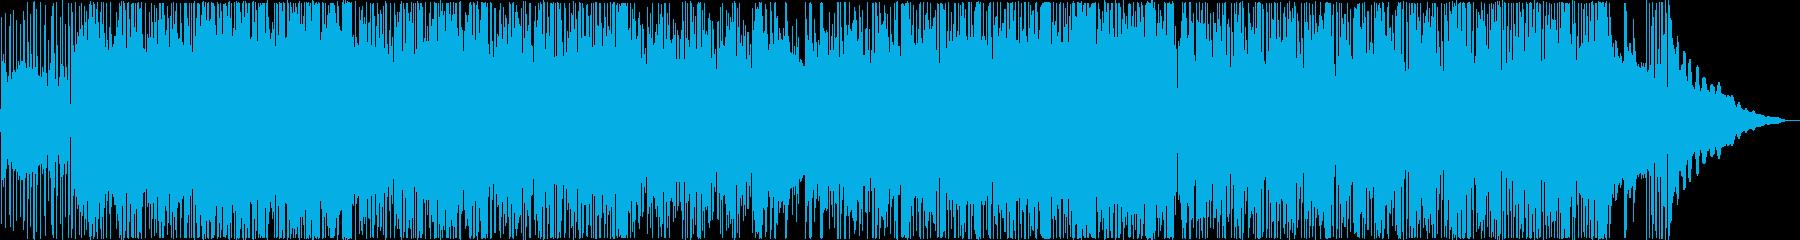 アコースティックギターのスタイリッシュ曲の再生済みの波形